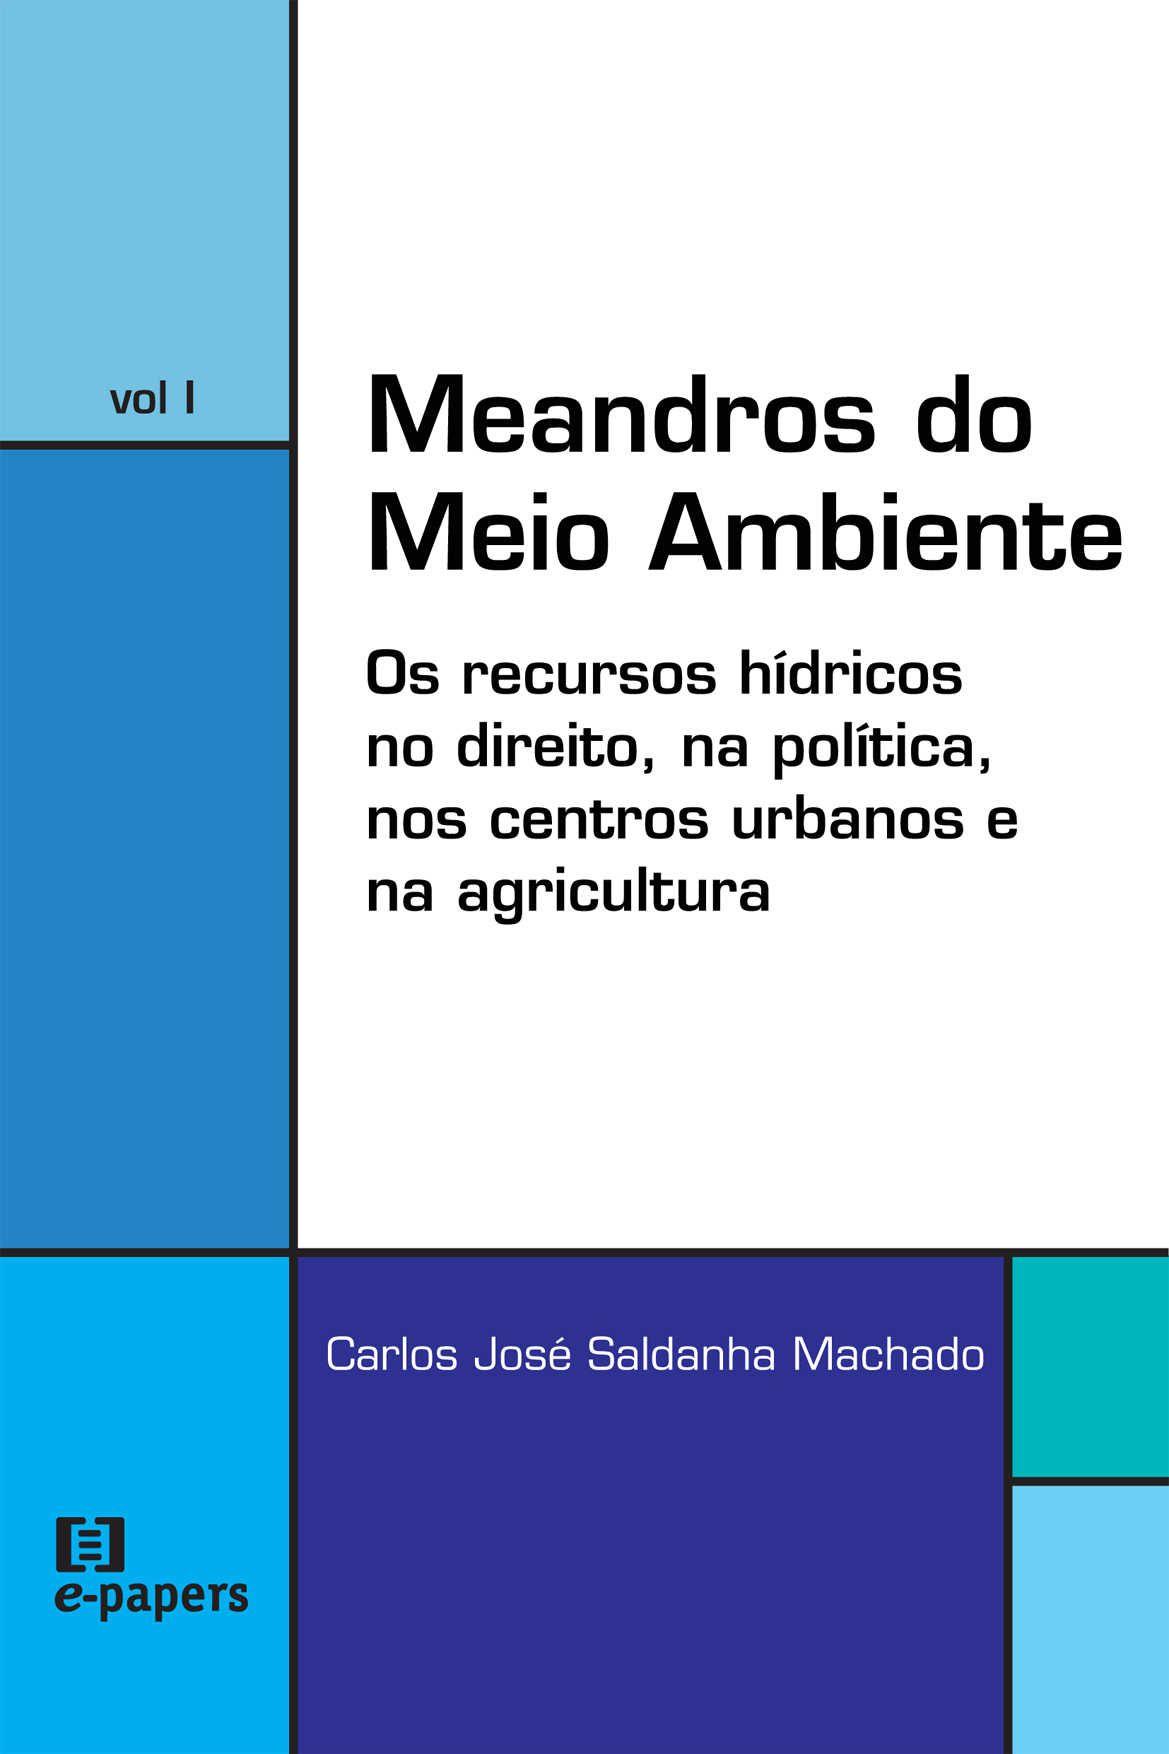 Meandros do Meio Ambiente I: Os recursos hídricos no direito, na política, nos centros urbanos e na agricultura